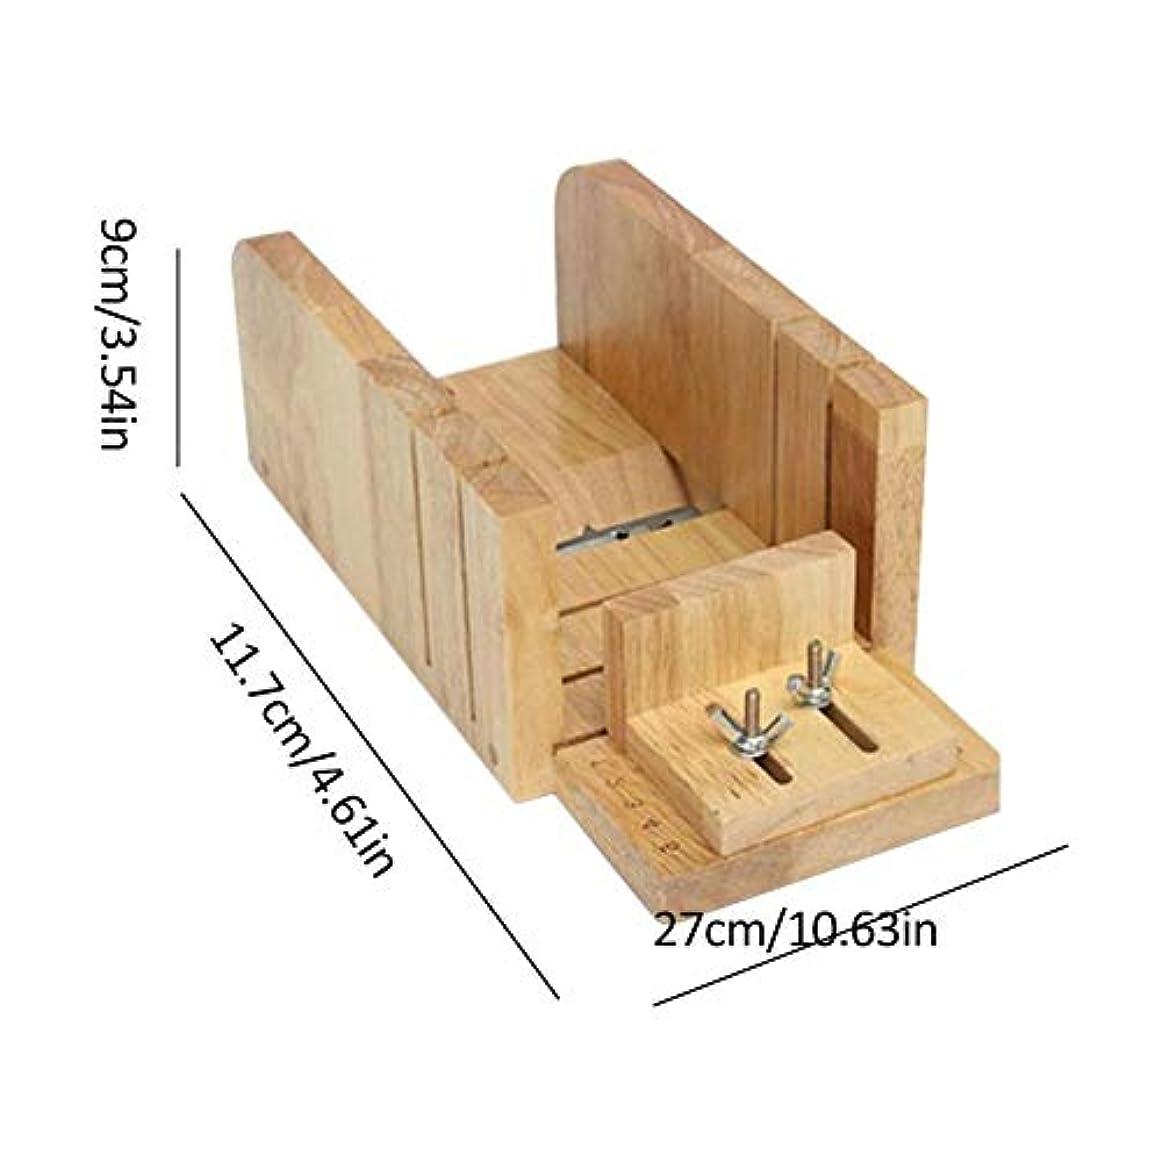 注目すべき直感強大な3点セット ソープカッター 石けん金型ソープロープ カッター 木製 カッター ツールDIY 手作り 木製ボックス松木製 ストレートソープ包丁 ナイフ モールドソープ調整可能レトロ